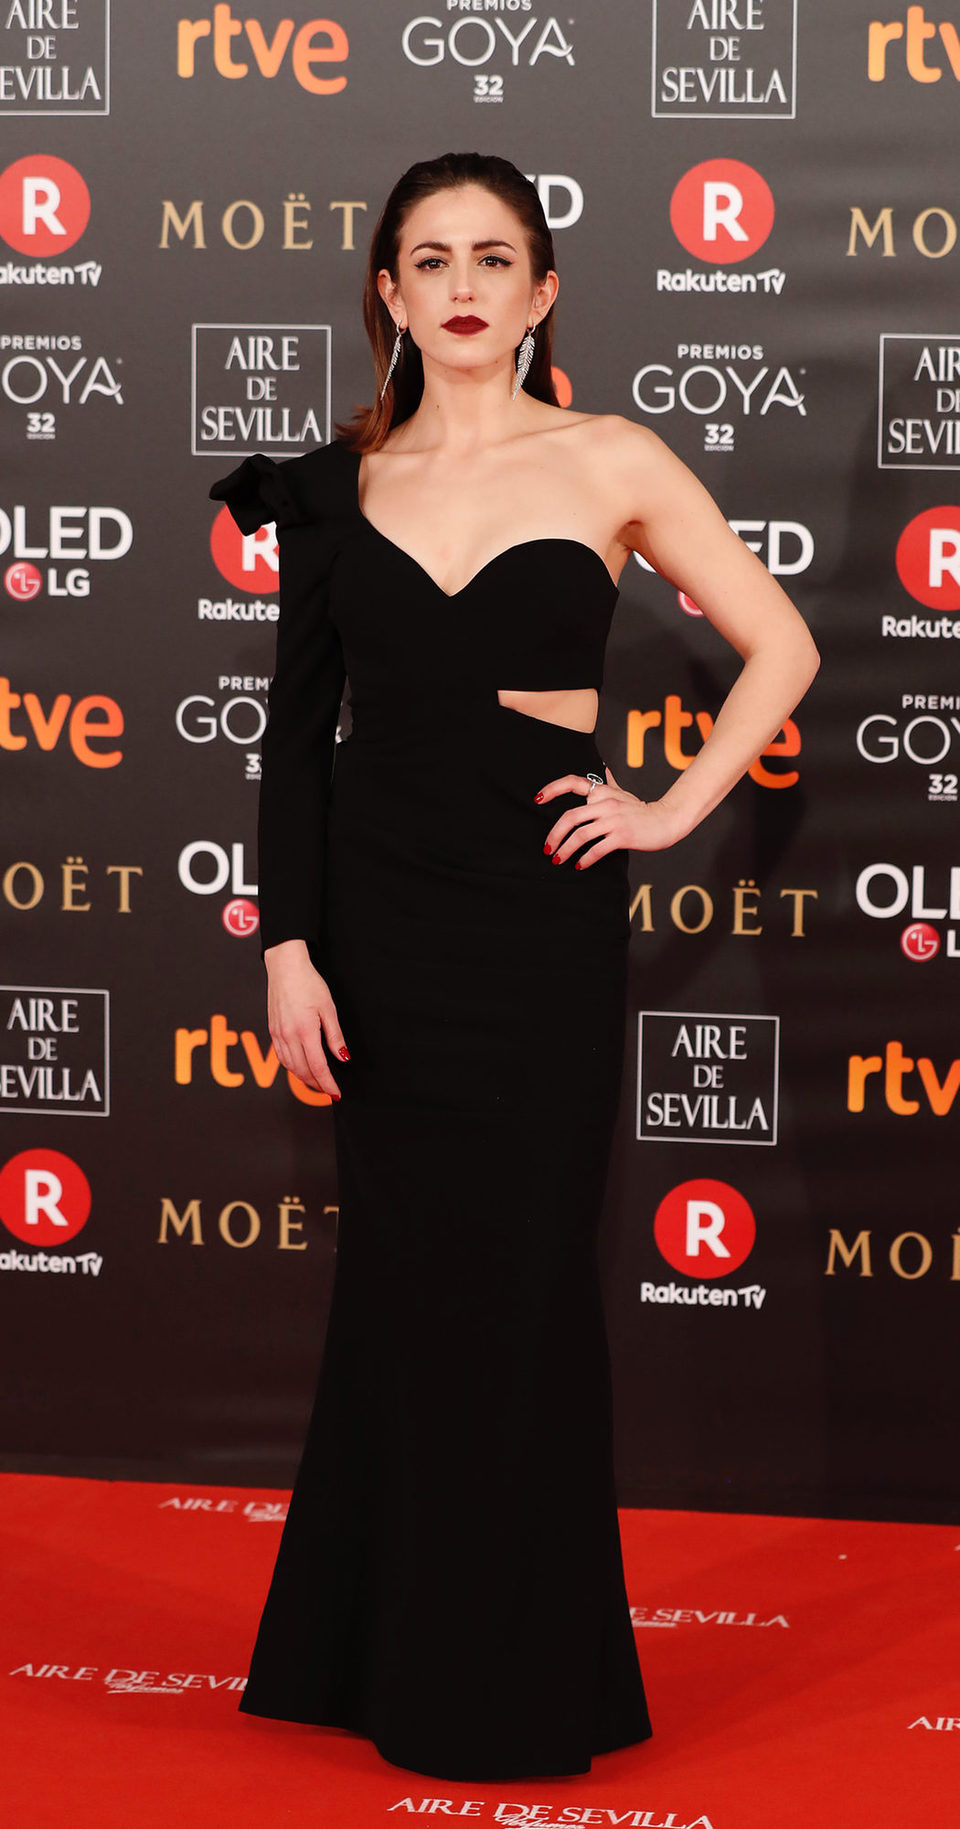 Marina Salas en la alfombra roja de los Premios Goya 2018